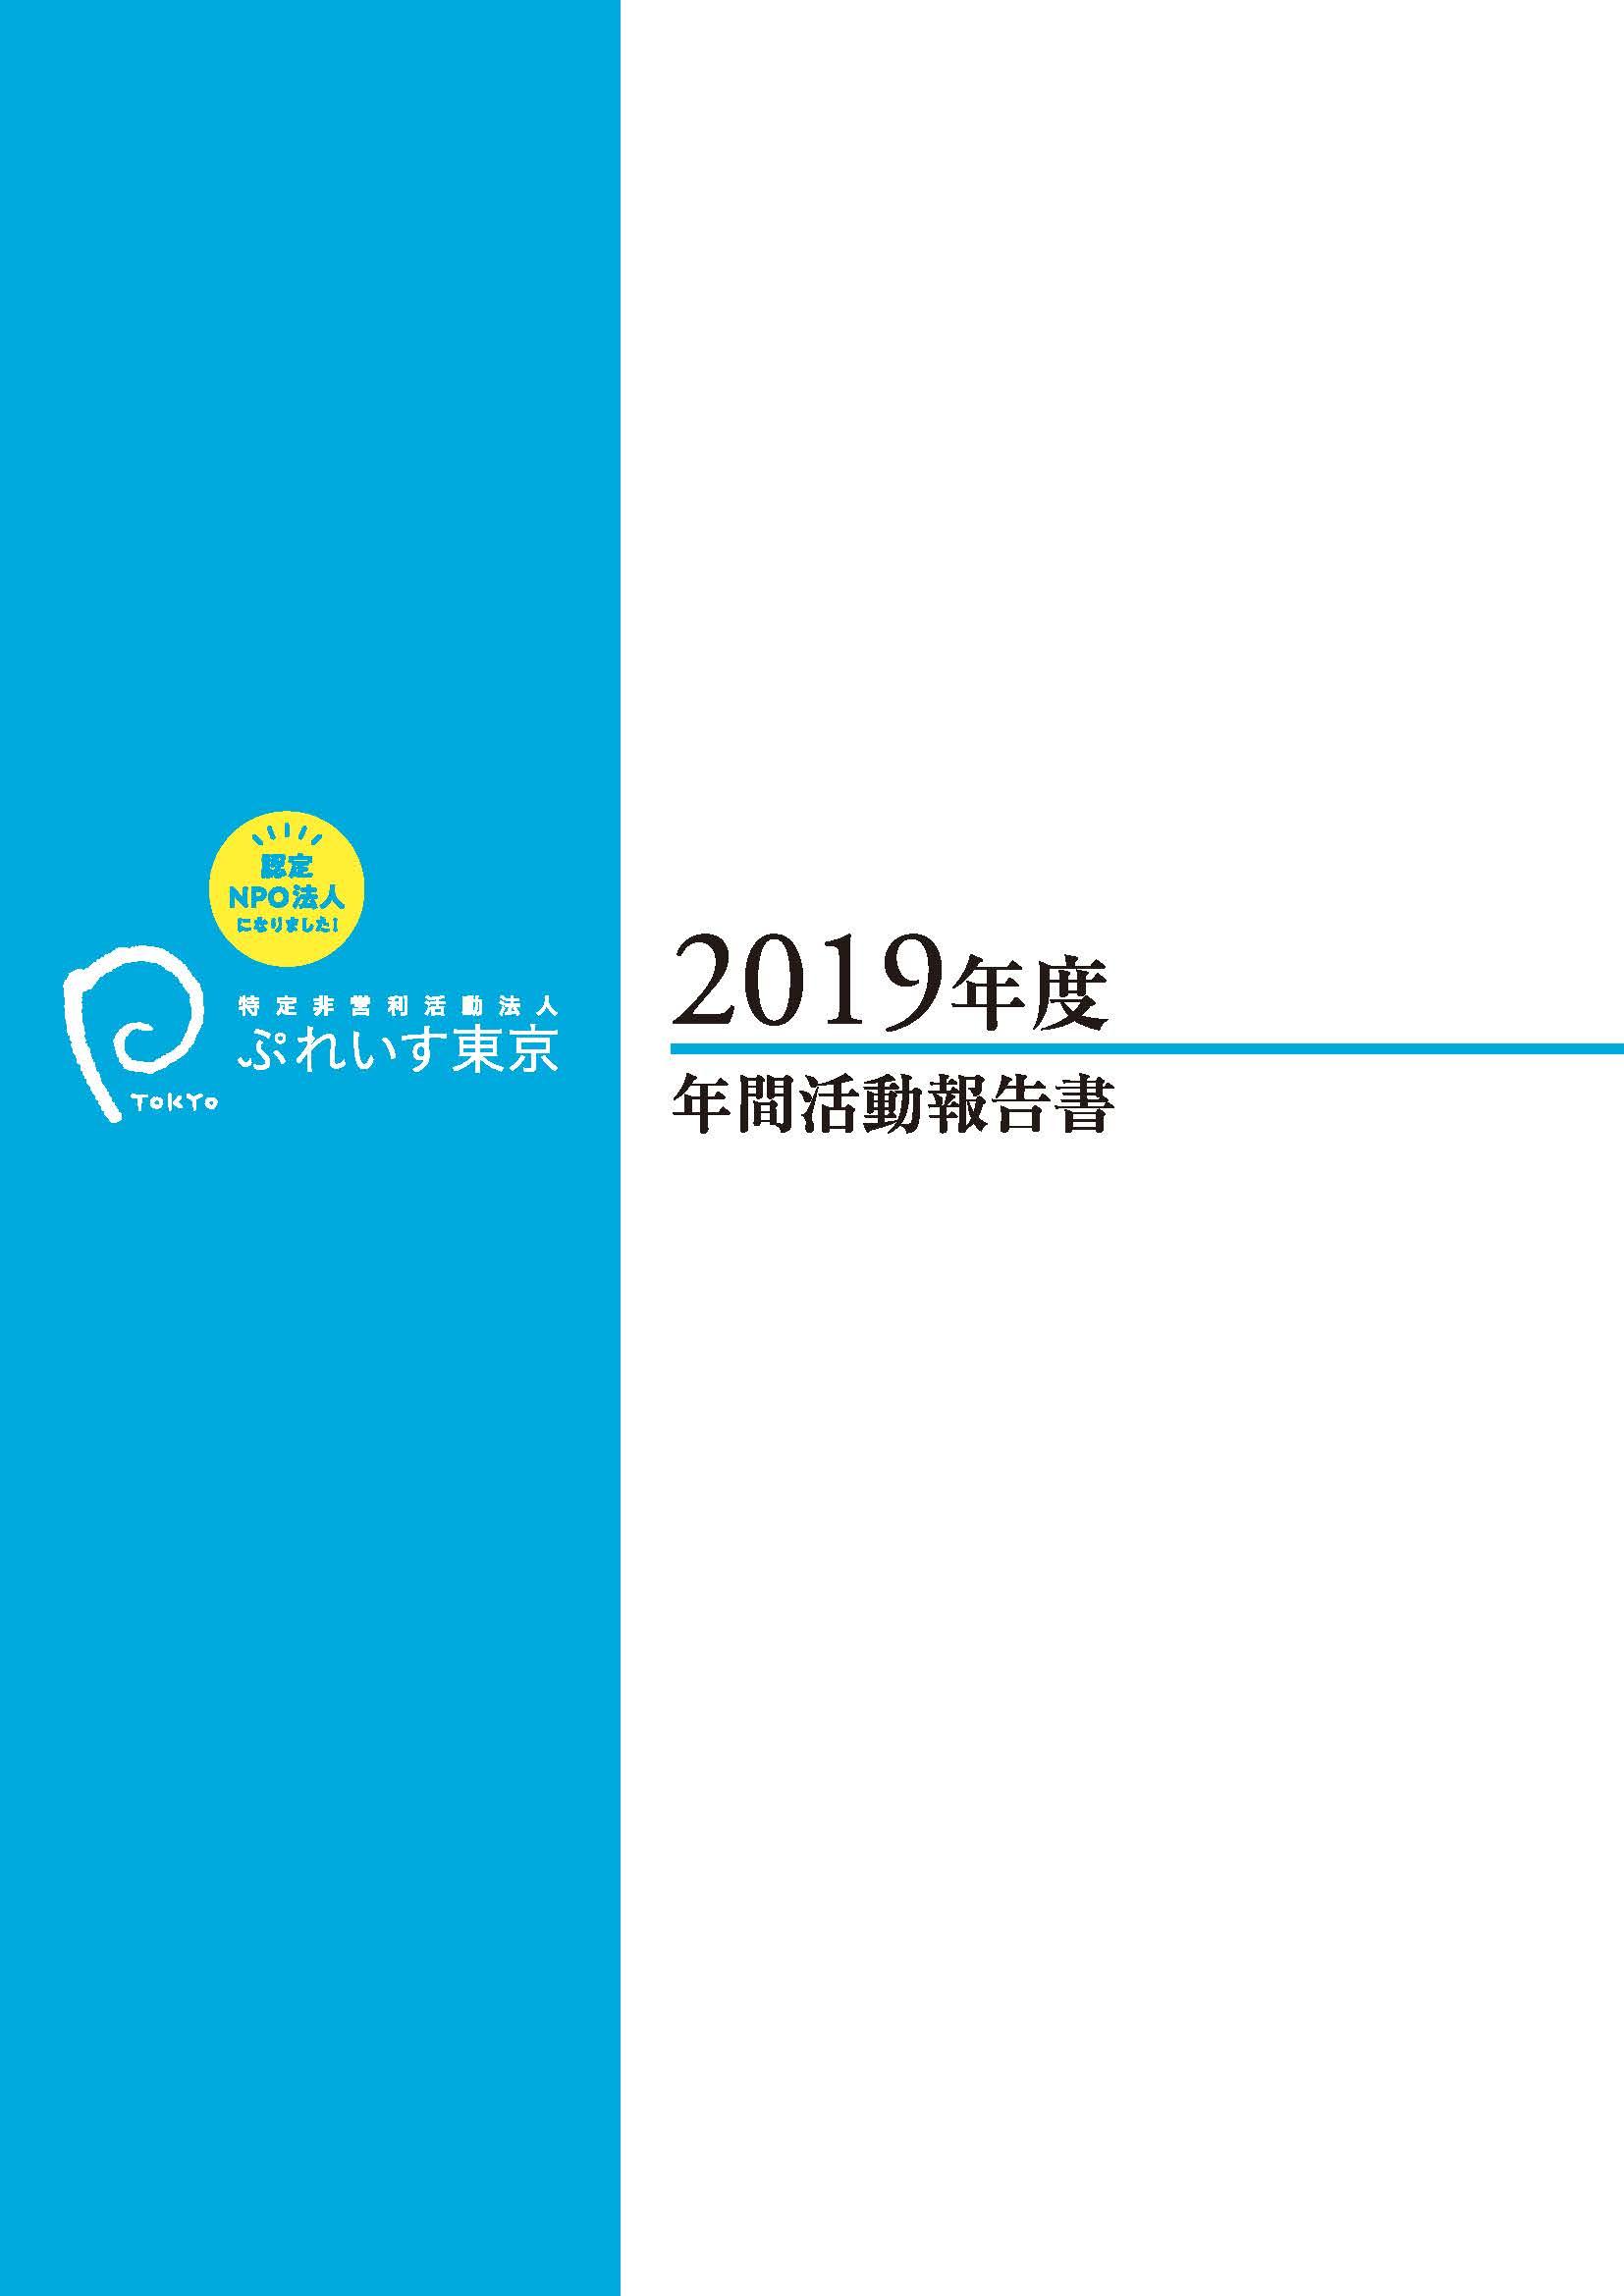 2019年度活動報告書表紙